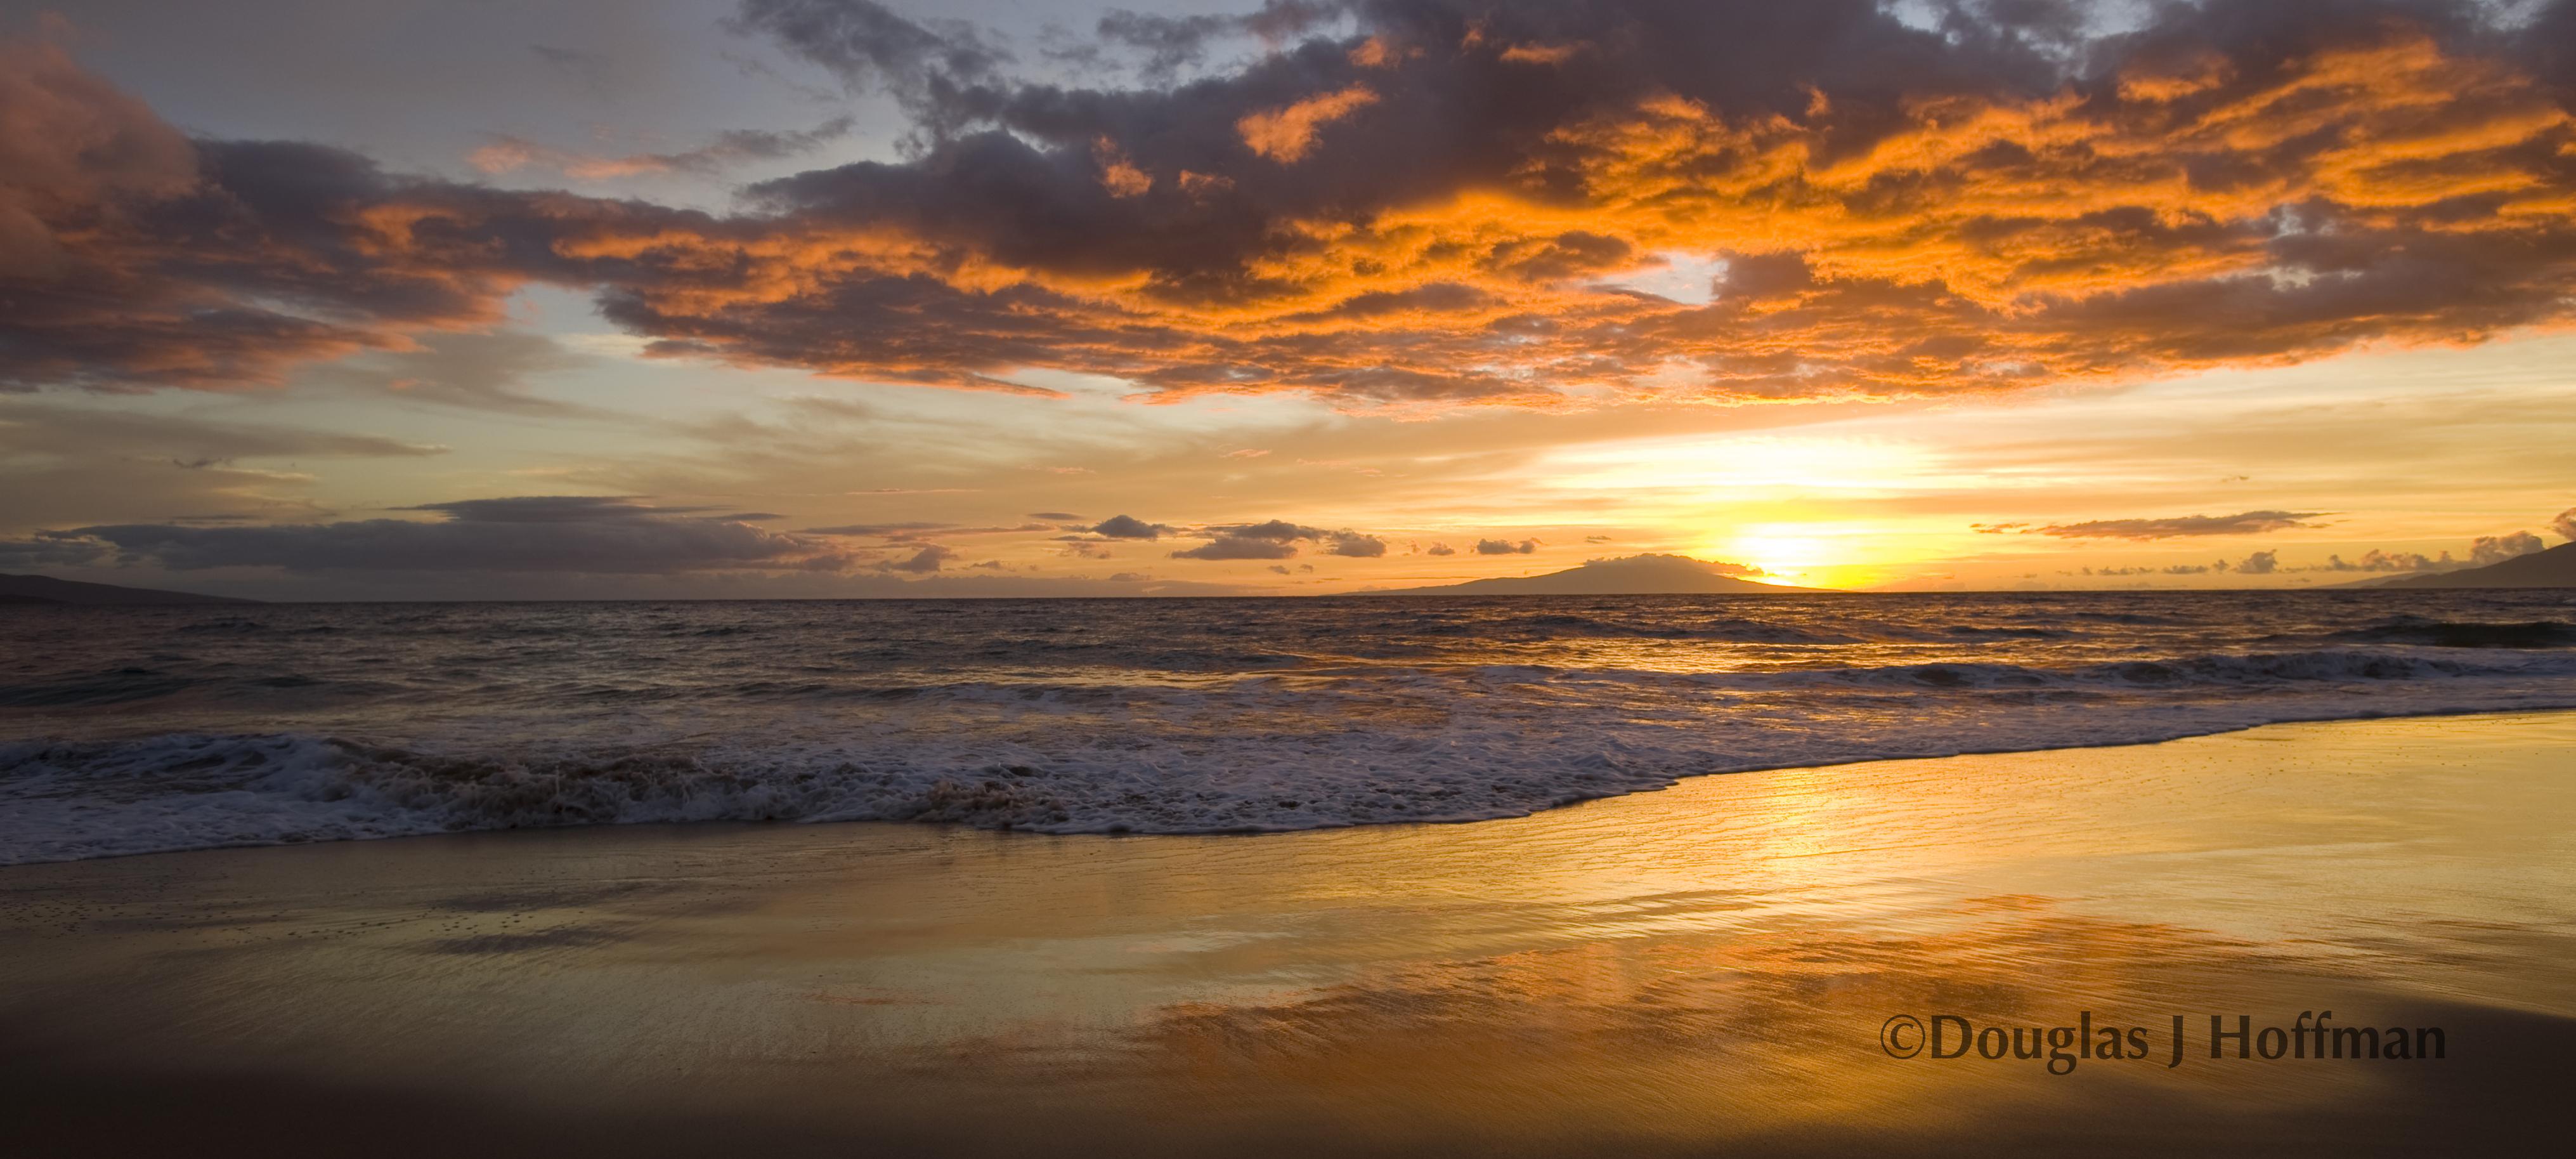 Maui Honua Kai Resort And Spa Douglas J Hoffman Photography